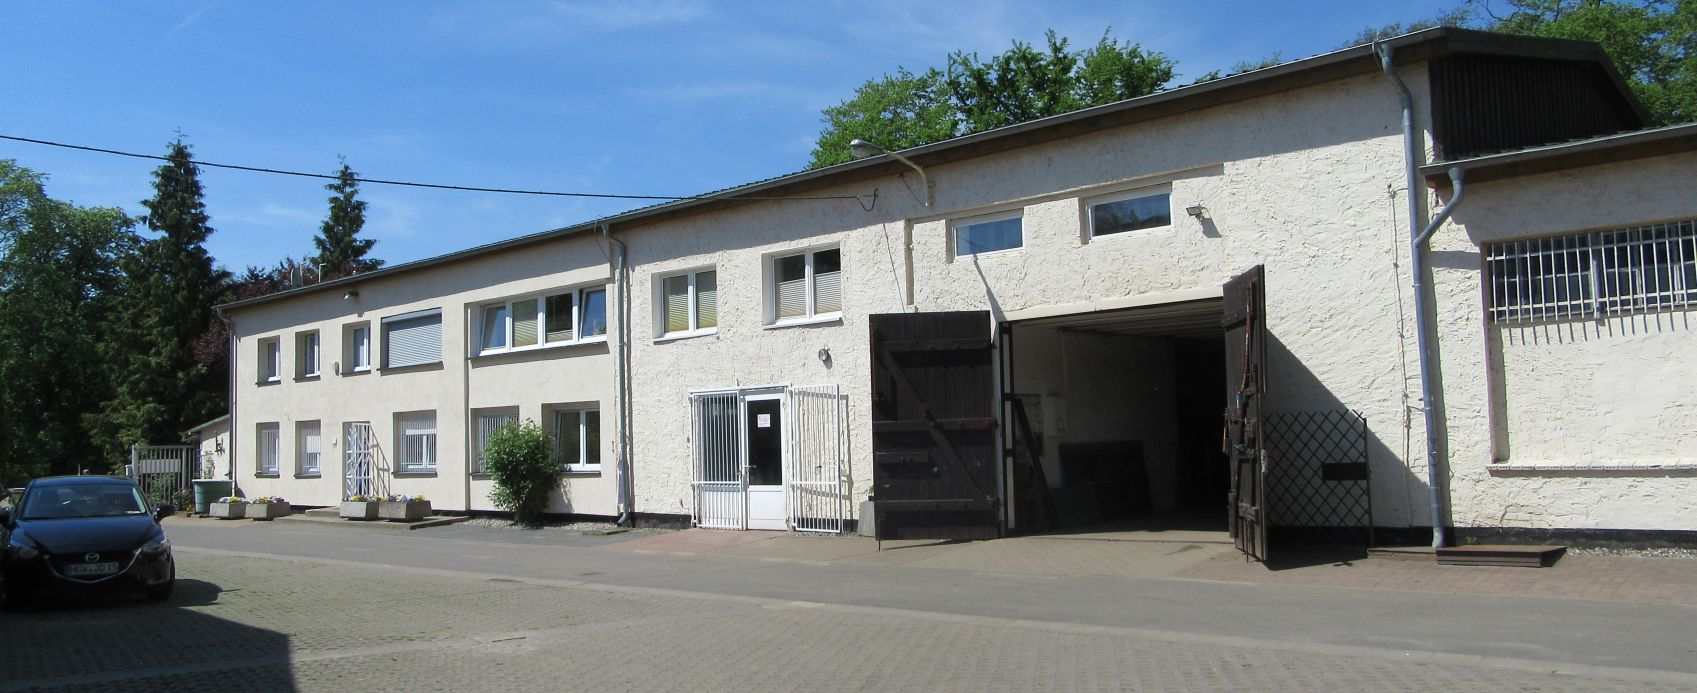 Sozialkaufhaus Greifswald